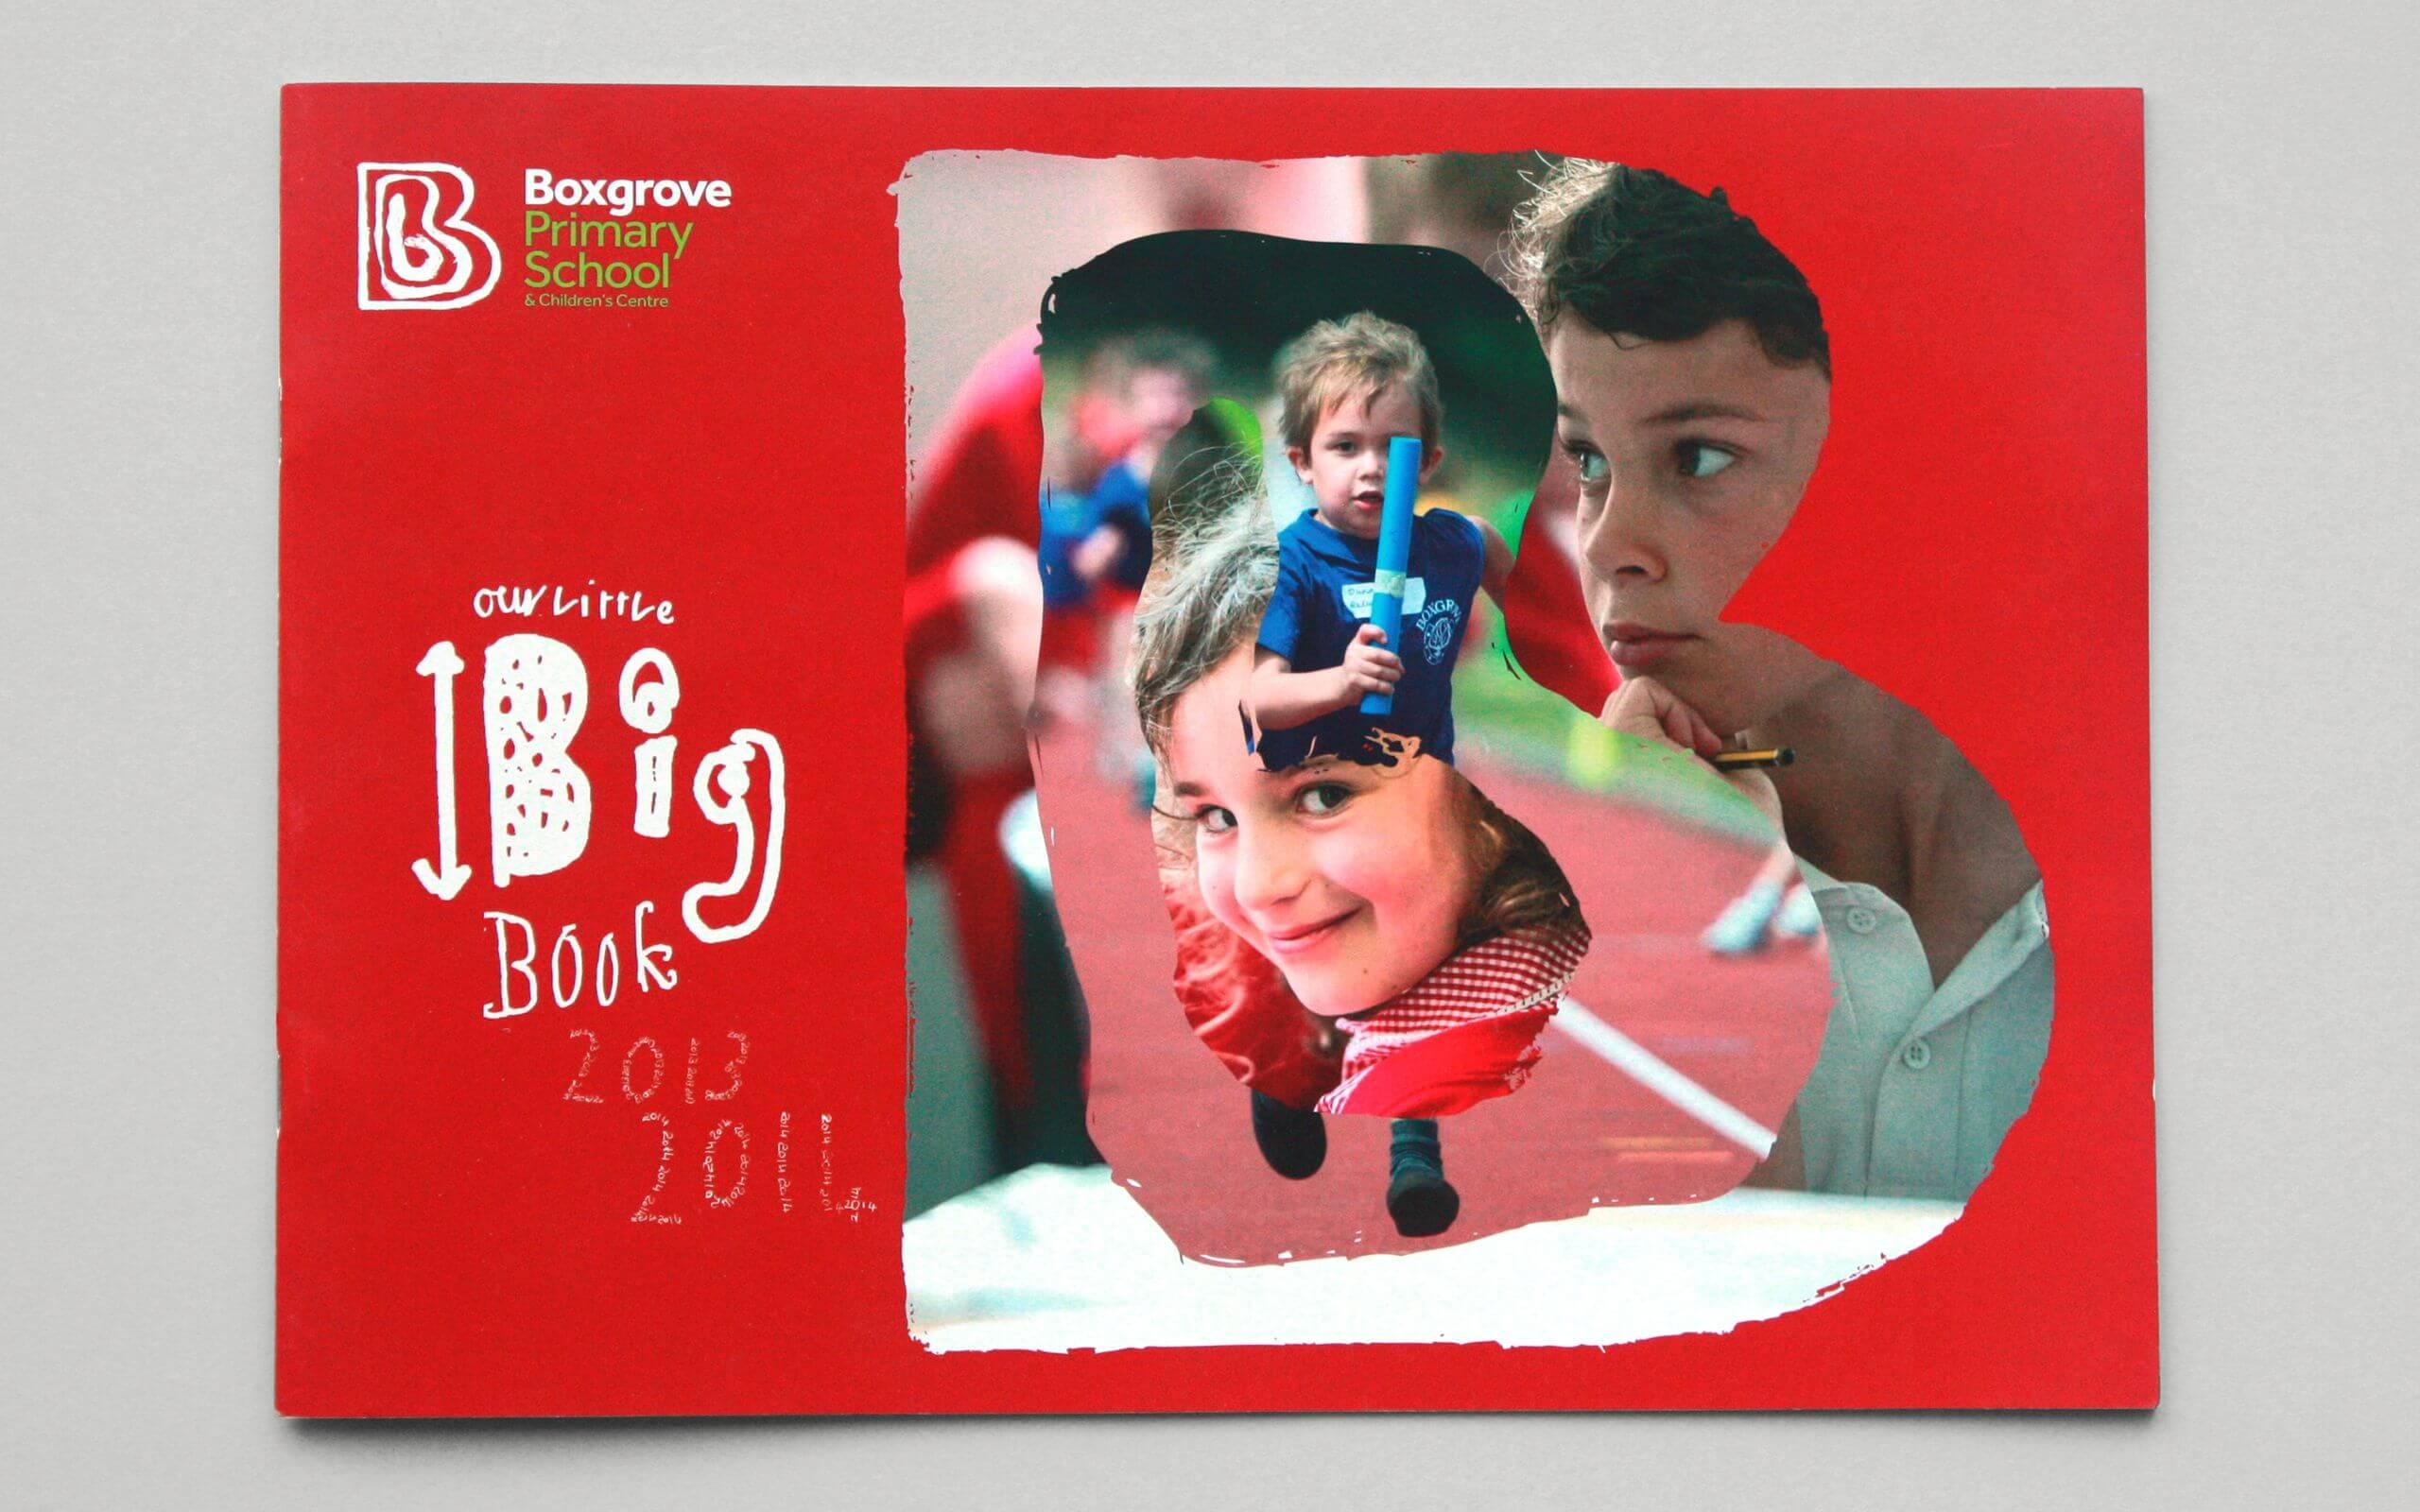 Boxgrove Primary School Guildford brochure